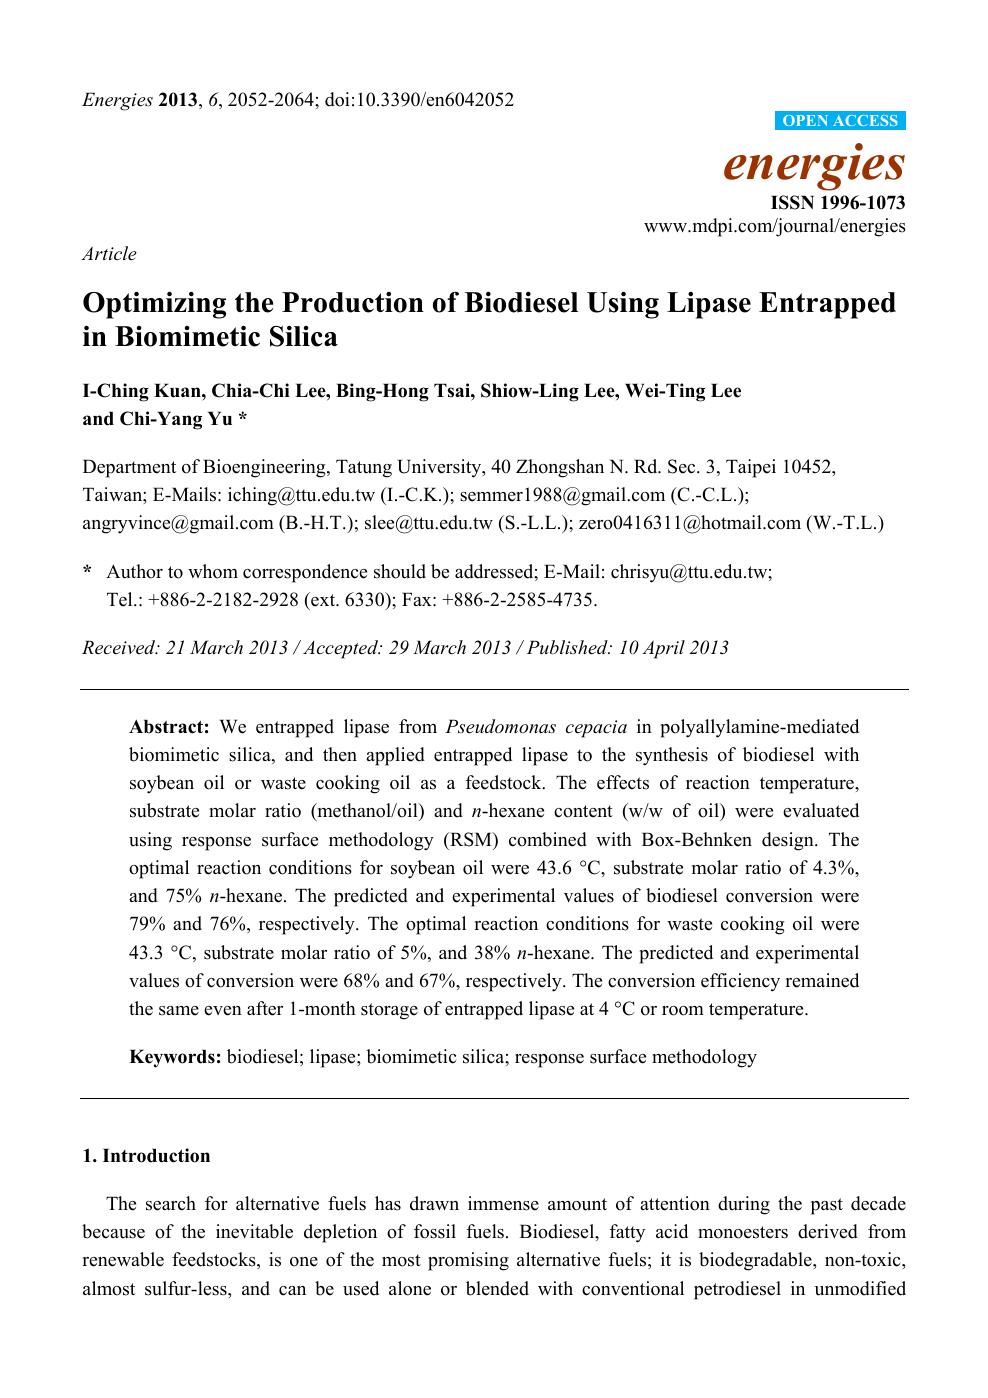 Optimizing the Production of Biodiesel Using Lipase